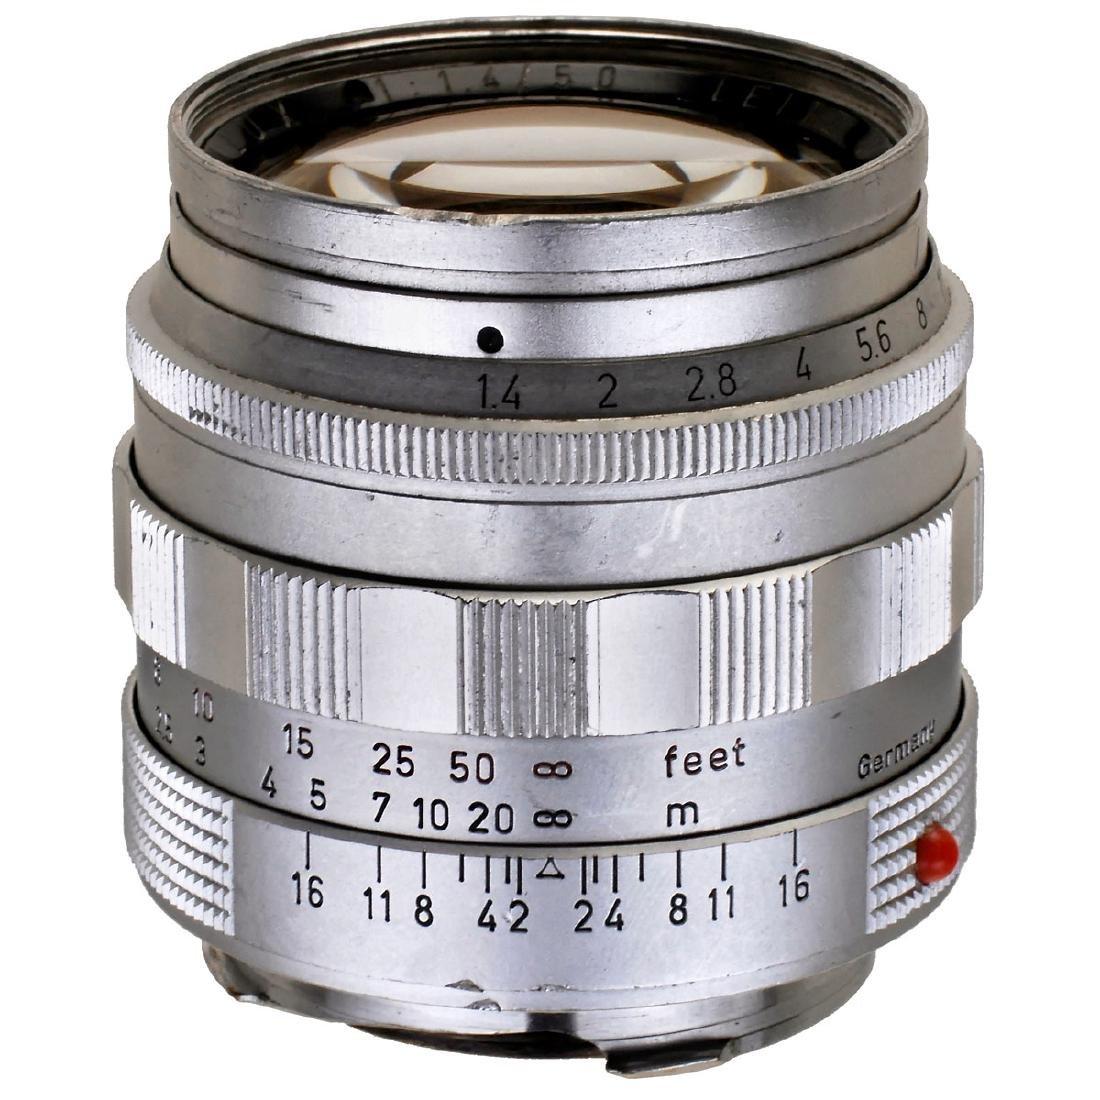 Summilux 1,4/50 mm, 1959